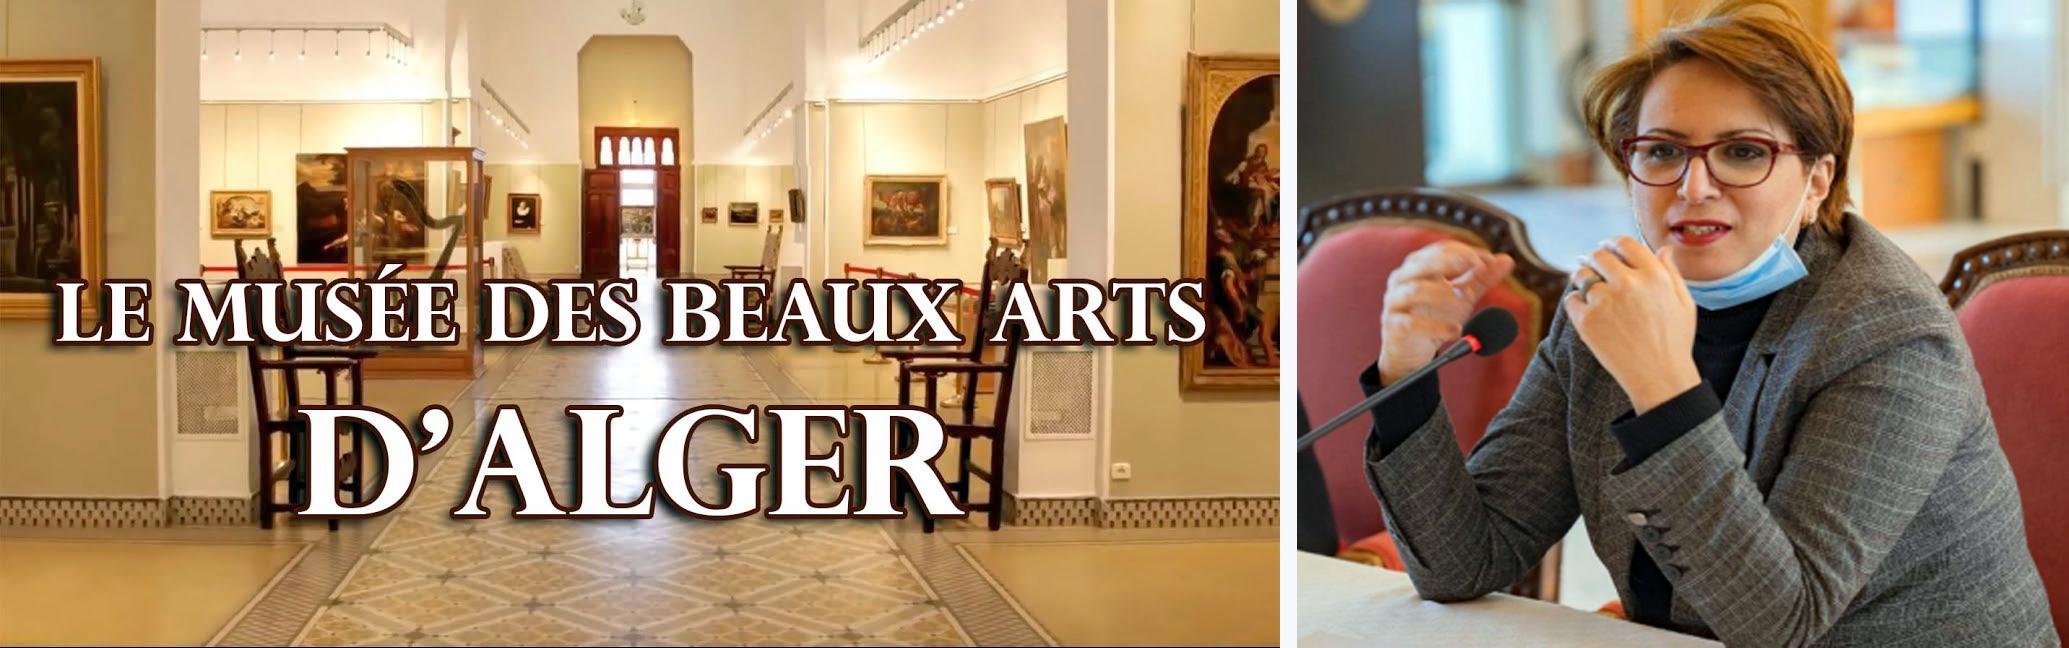 Journée internationale des musées:  Les musées ouverts au public «à titre gracieux» du 17 au 20 mai - Algérie